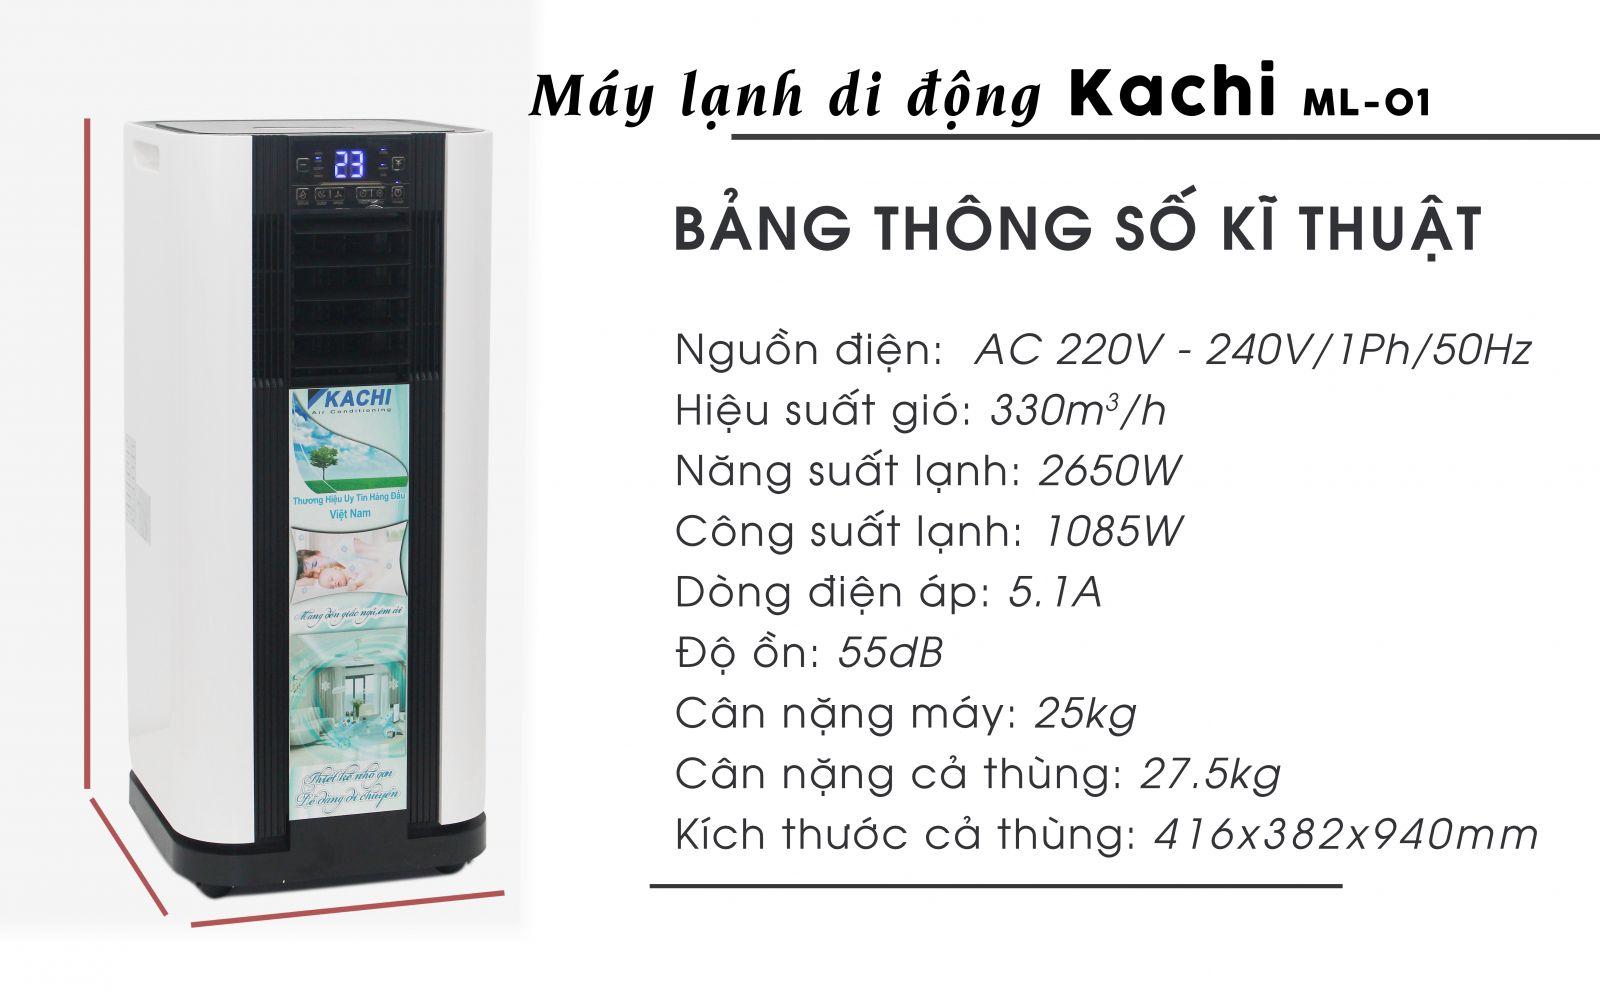 Thông số kỹ thuật máy lạnh di động kachi